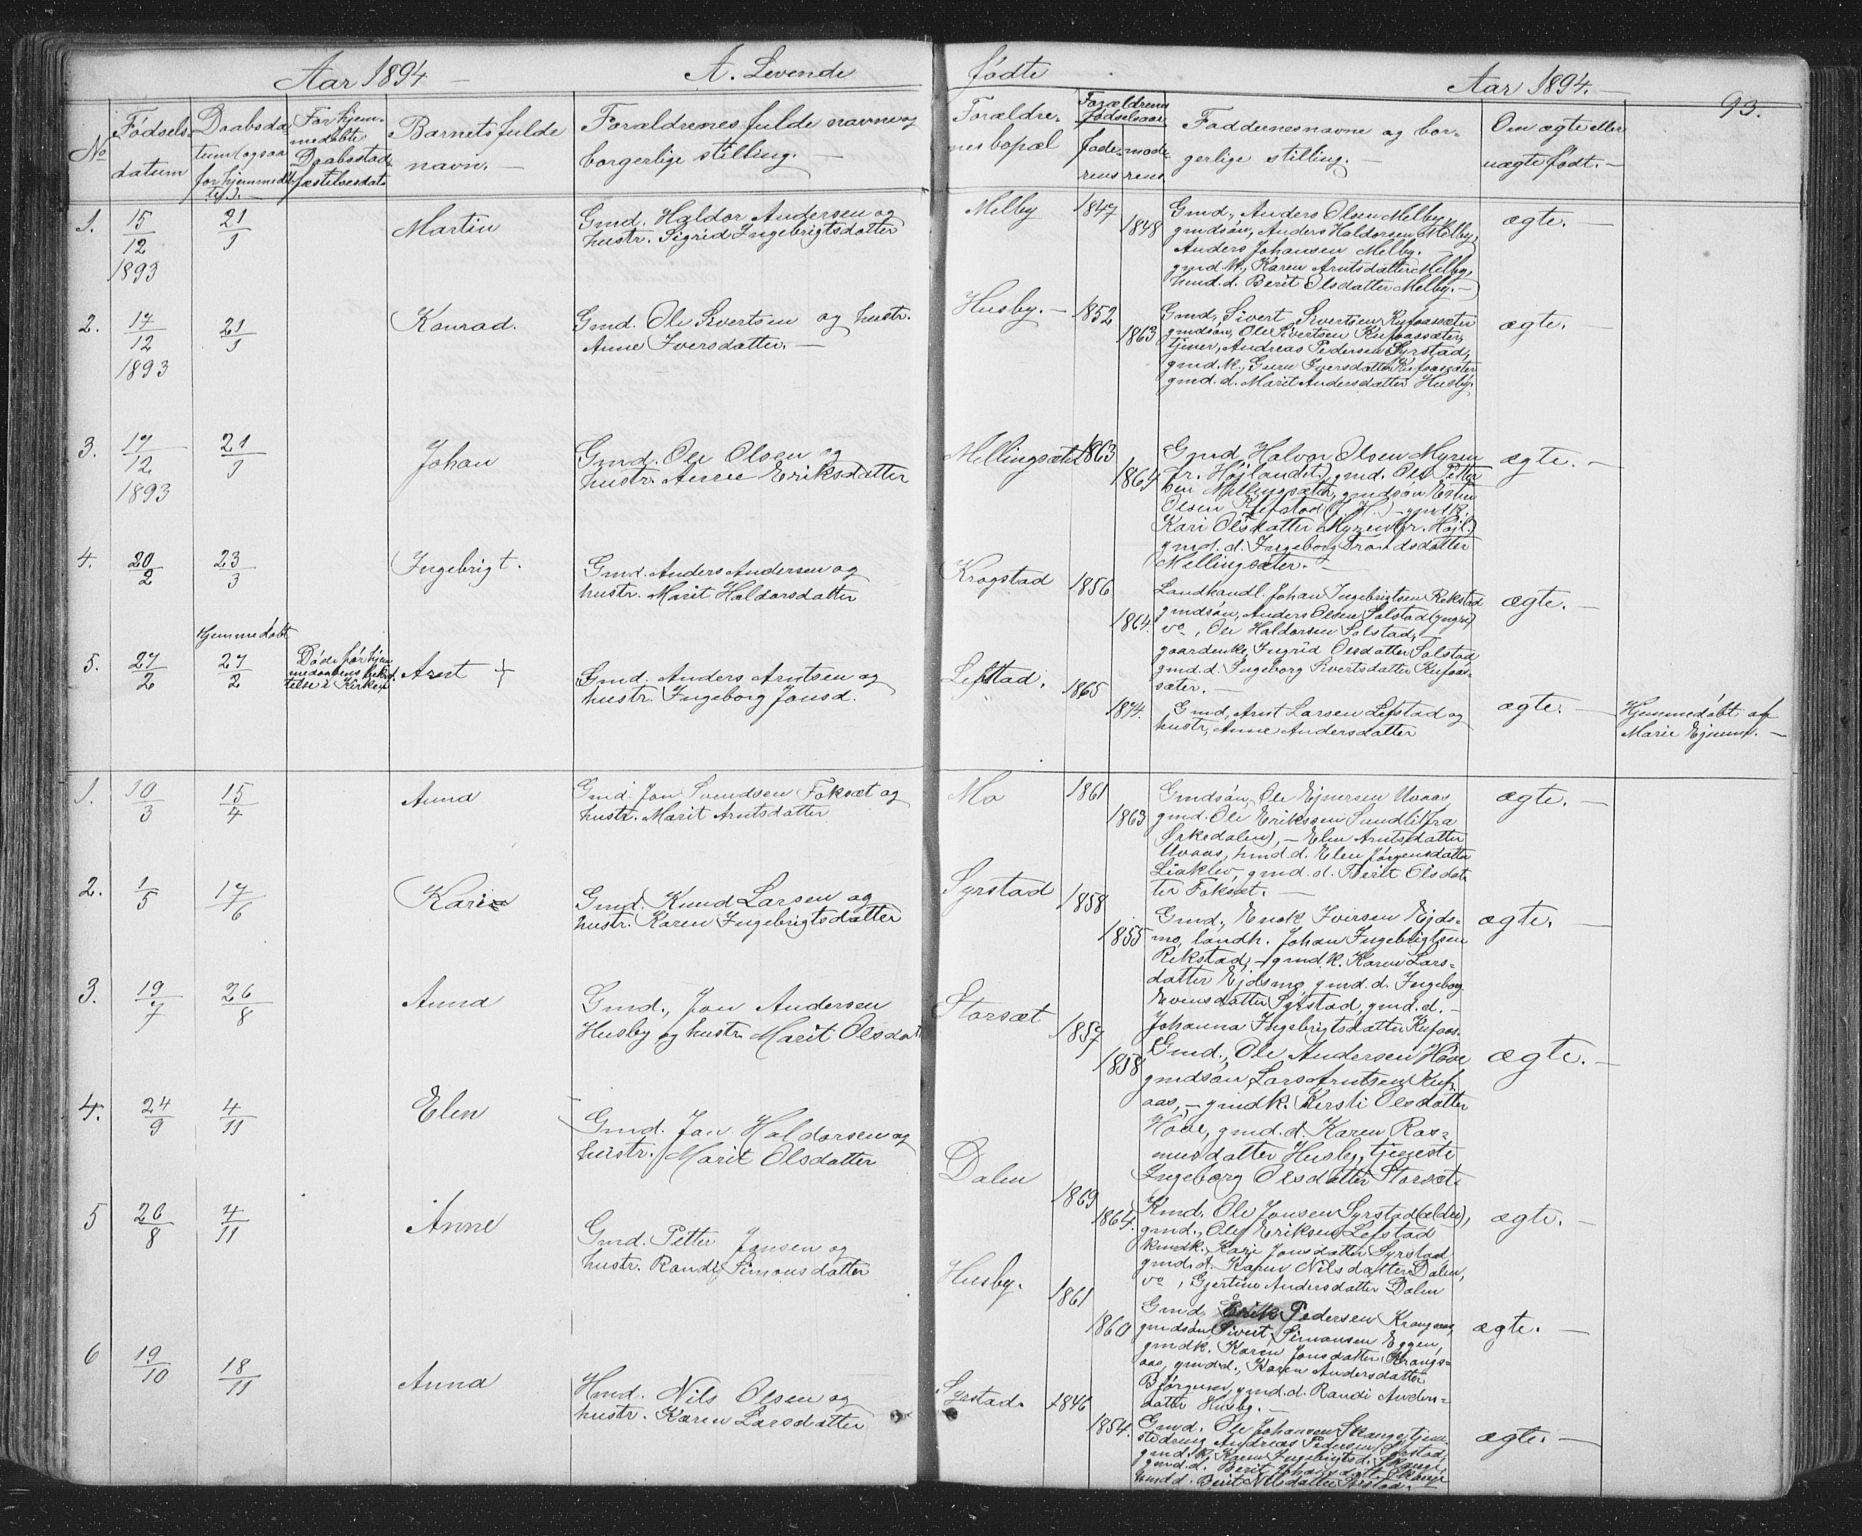 SAT, Ministerialprotokoller, klokkerbøker og fødselsregistre - Sør-Trøndelag, 667/L0798: Klokkerbok nr. 667C03, 1867-1929, s. 93